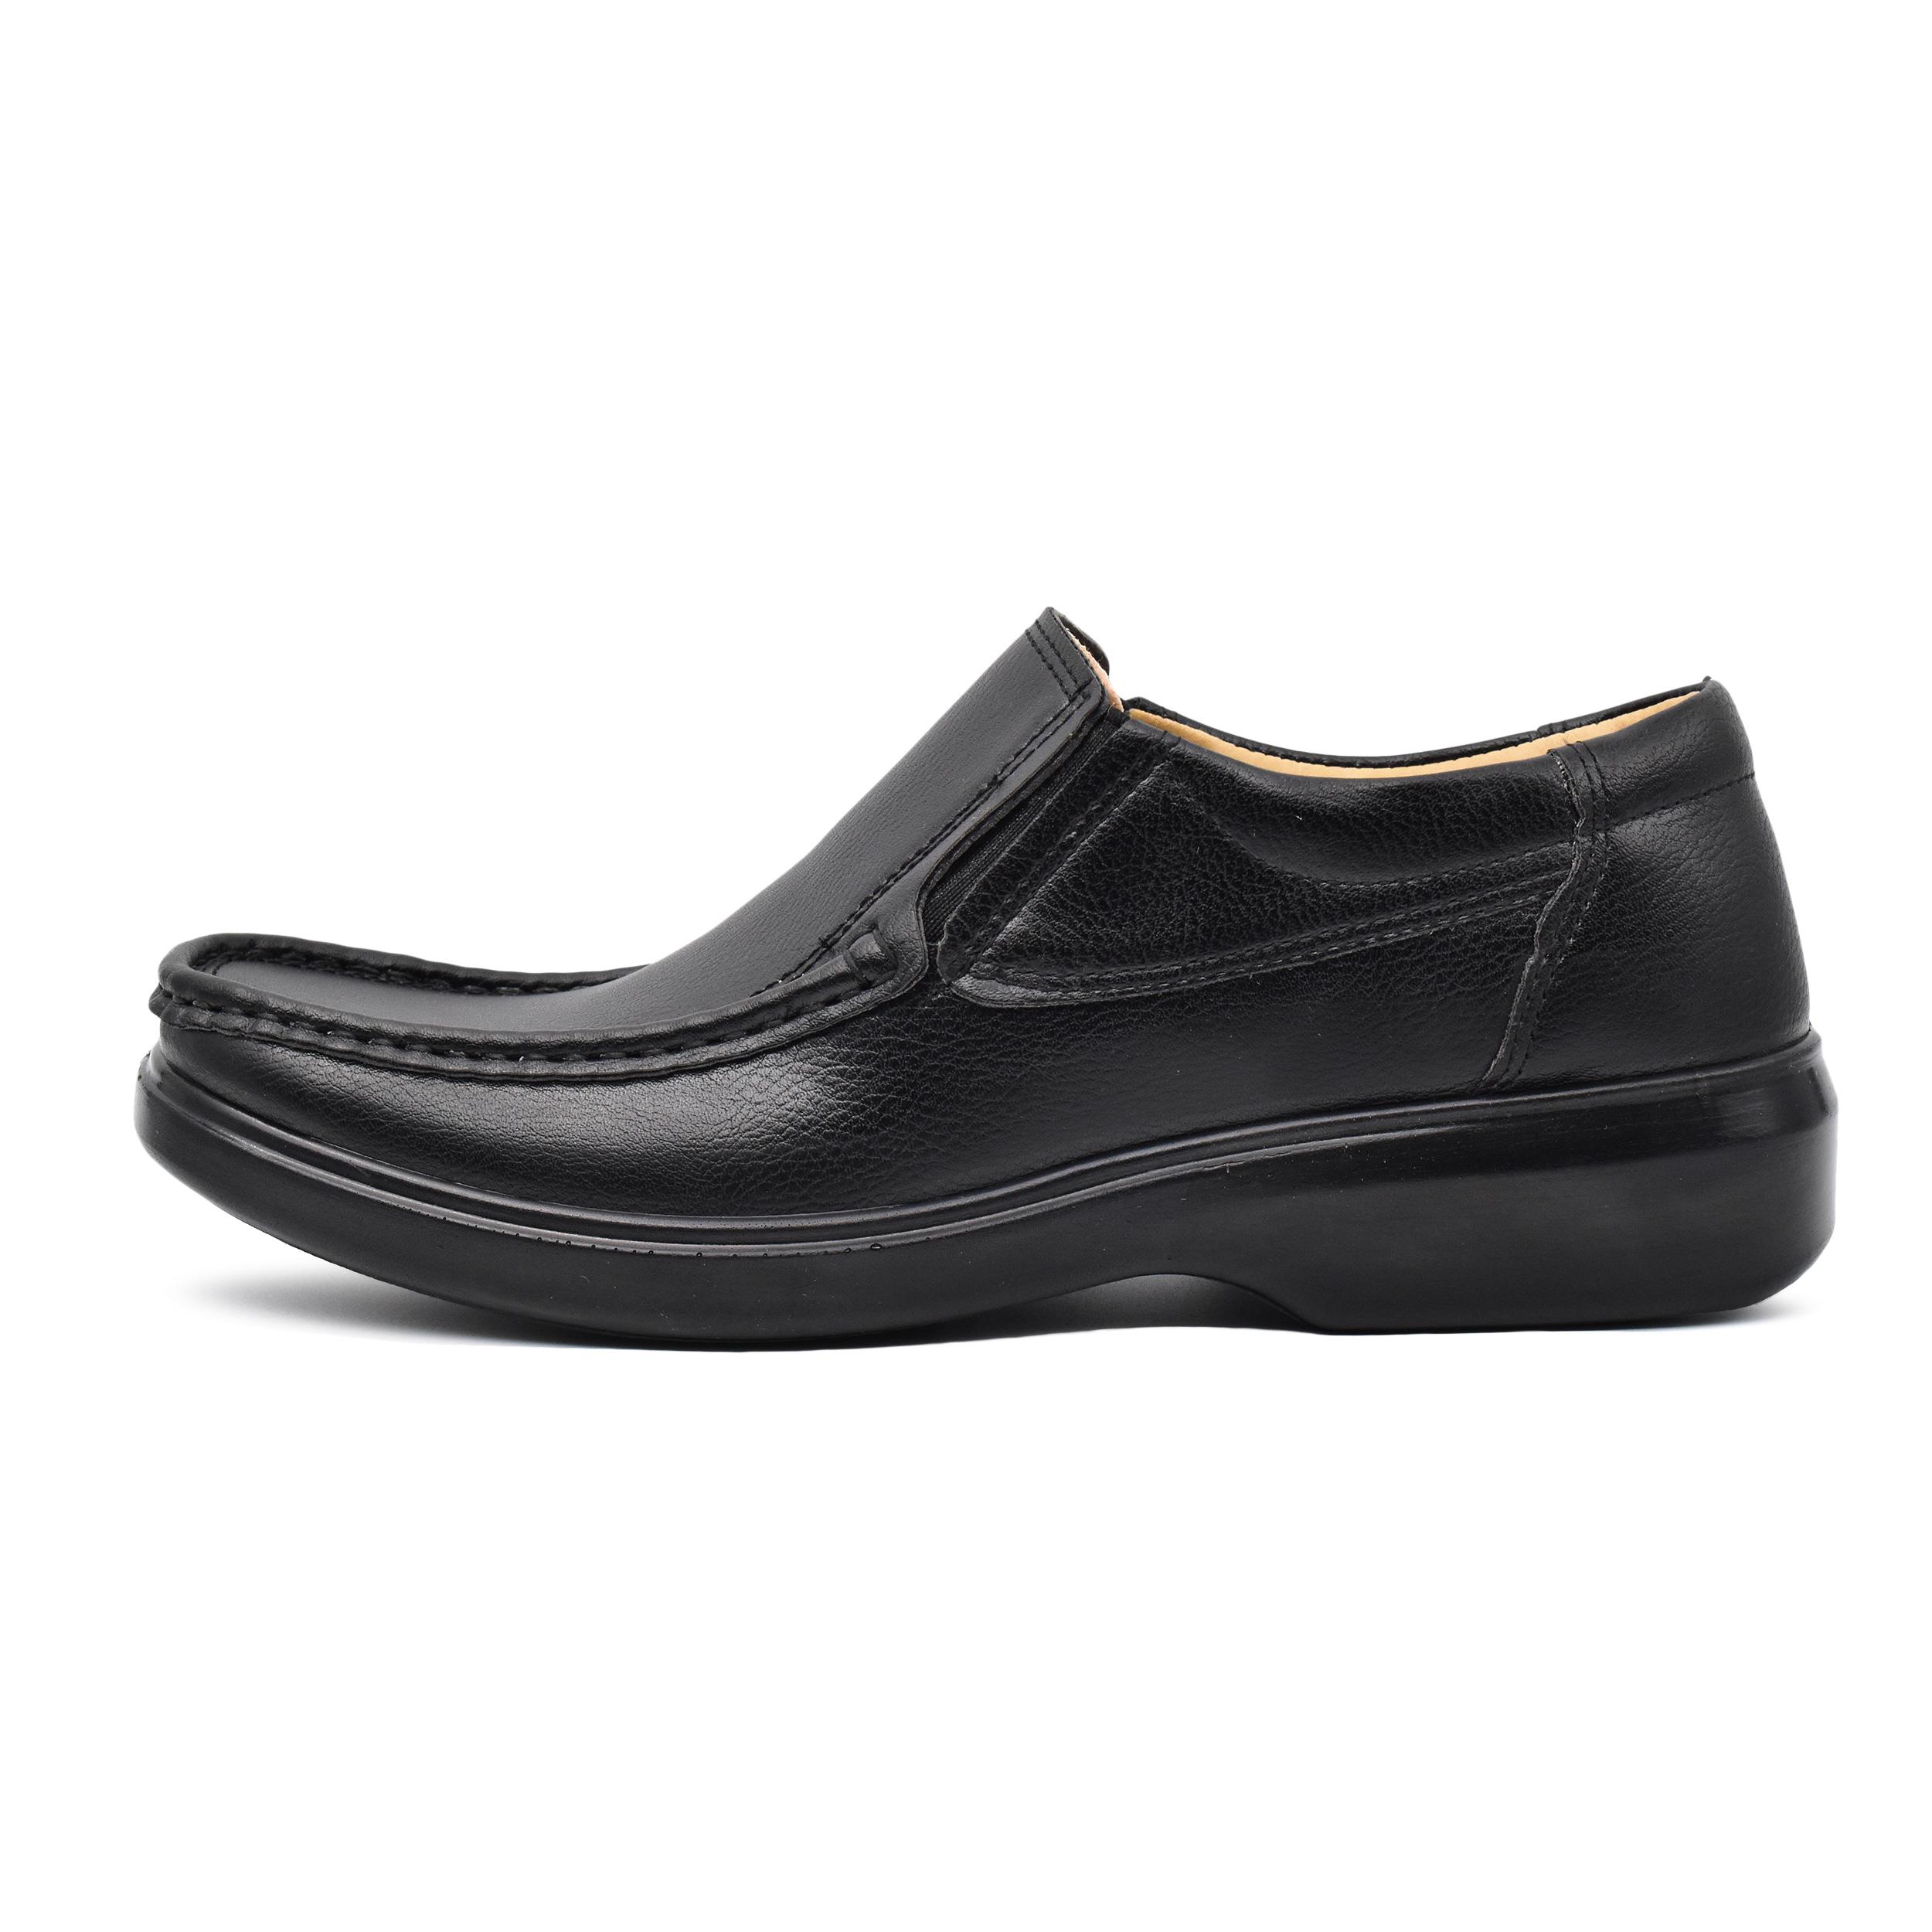 کفش روزمره مردانه مدل پاشا کد 7244